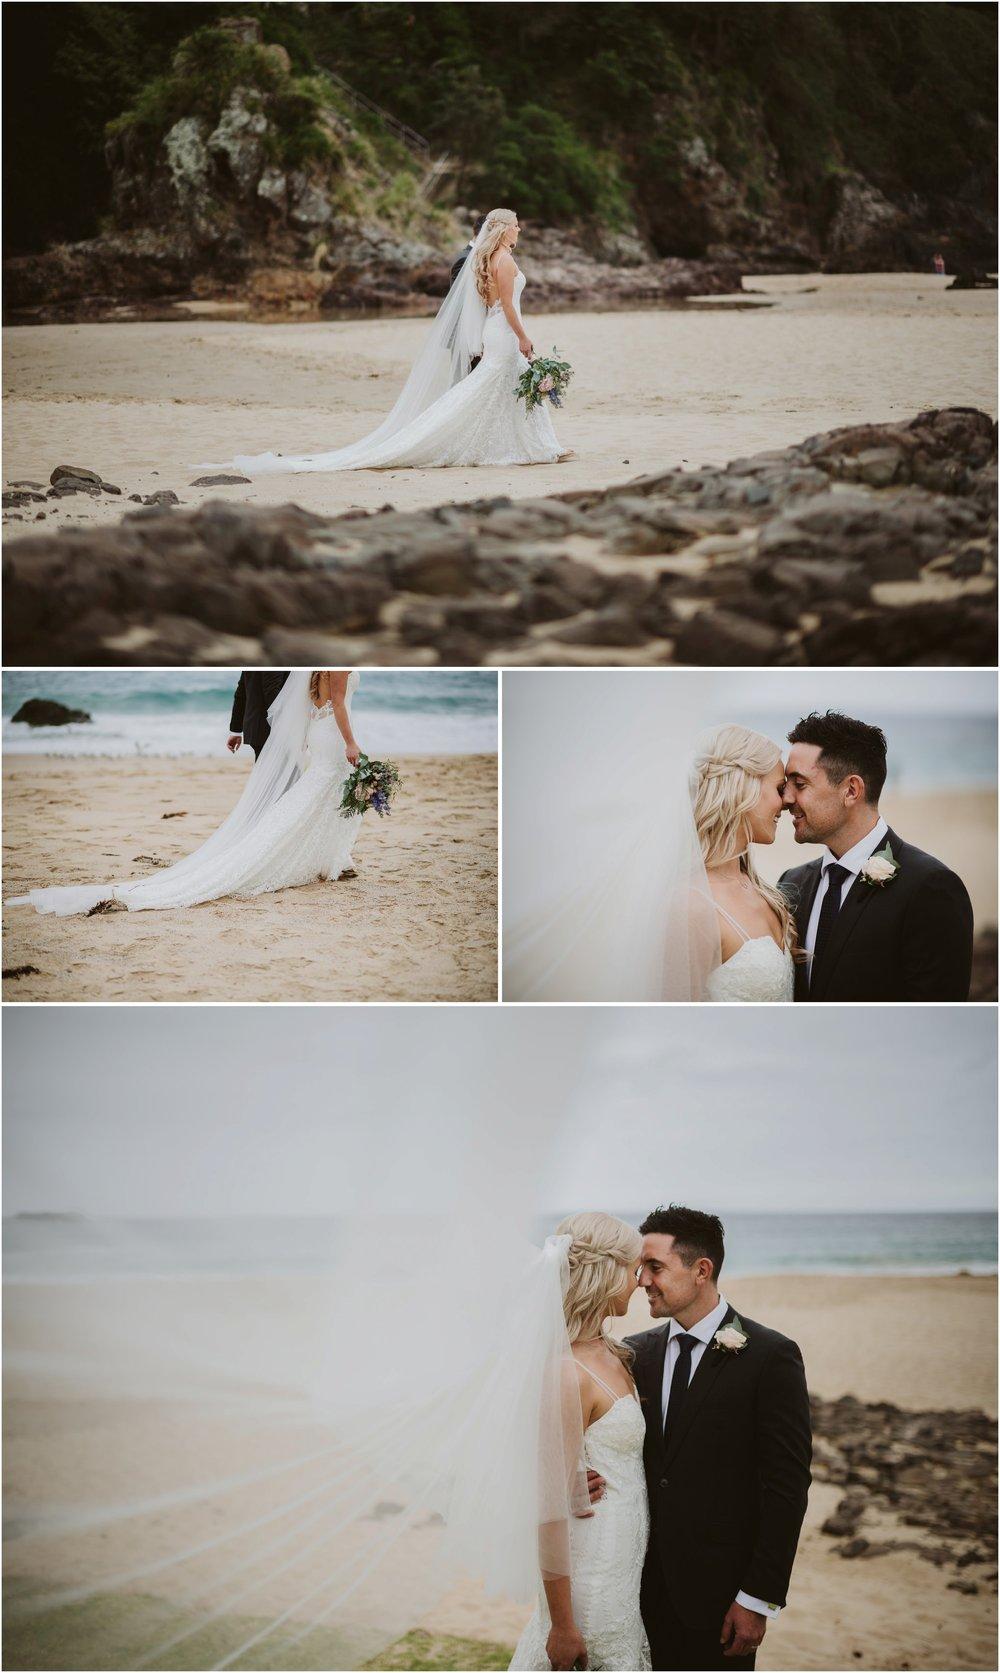 Bushbank Southern Highlands South Coast Wedding Jack Gilchrist Photography Sydney_0327.jpg